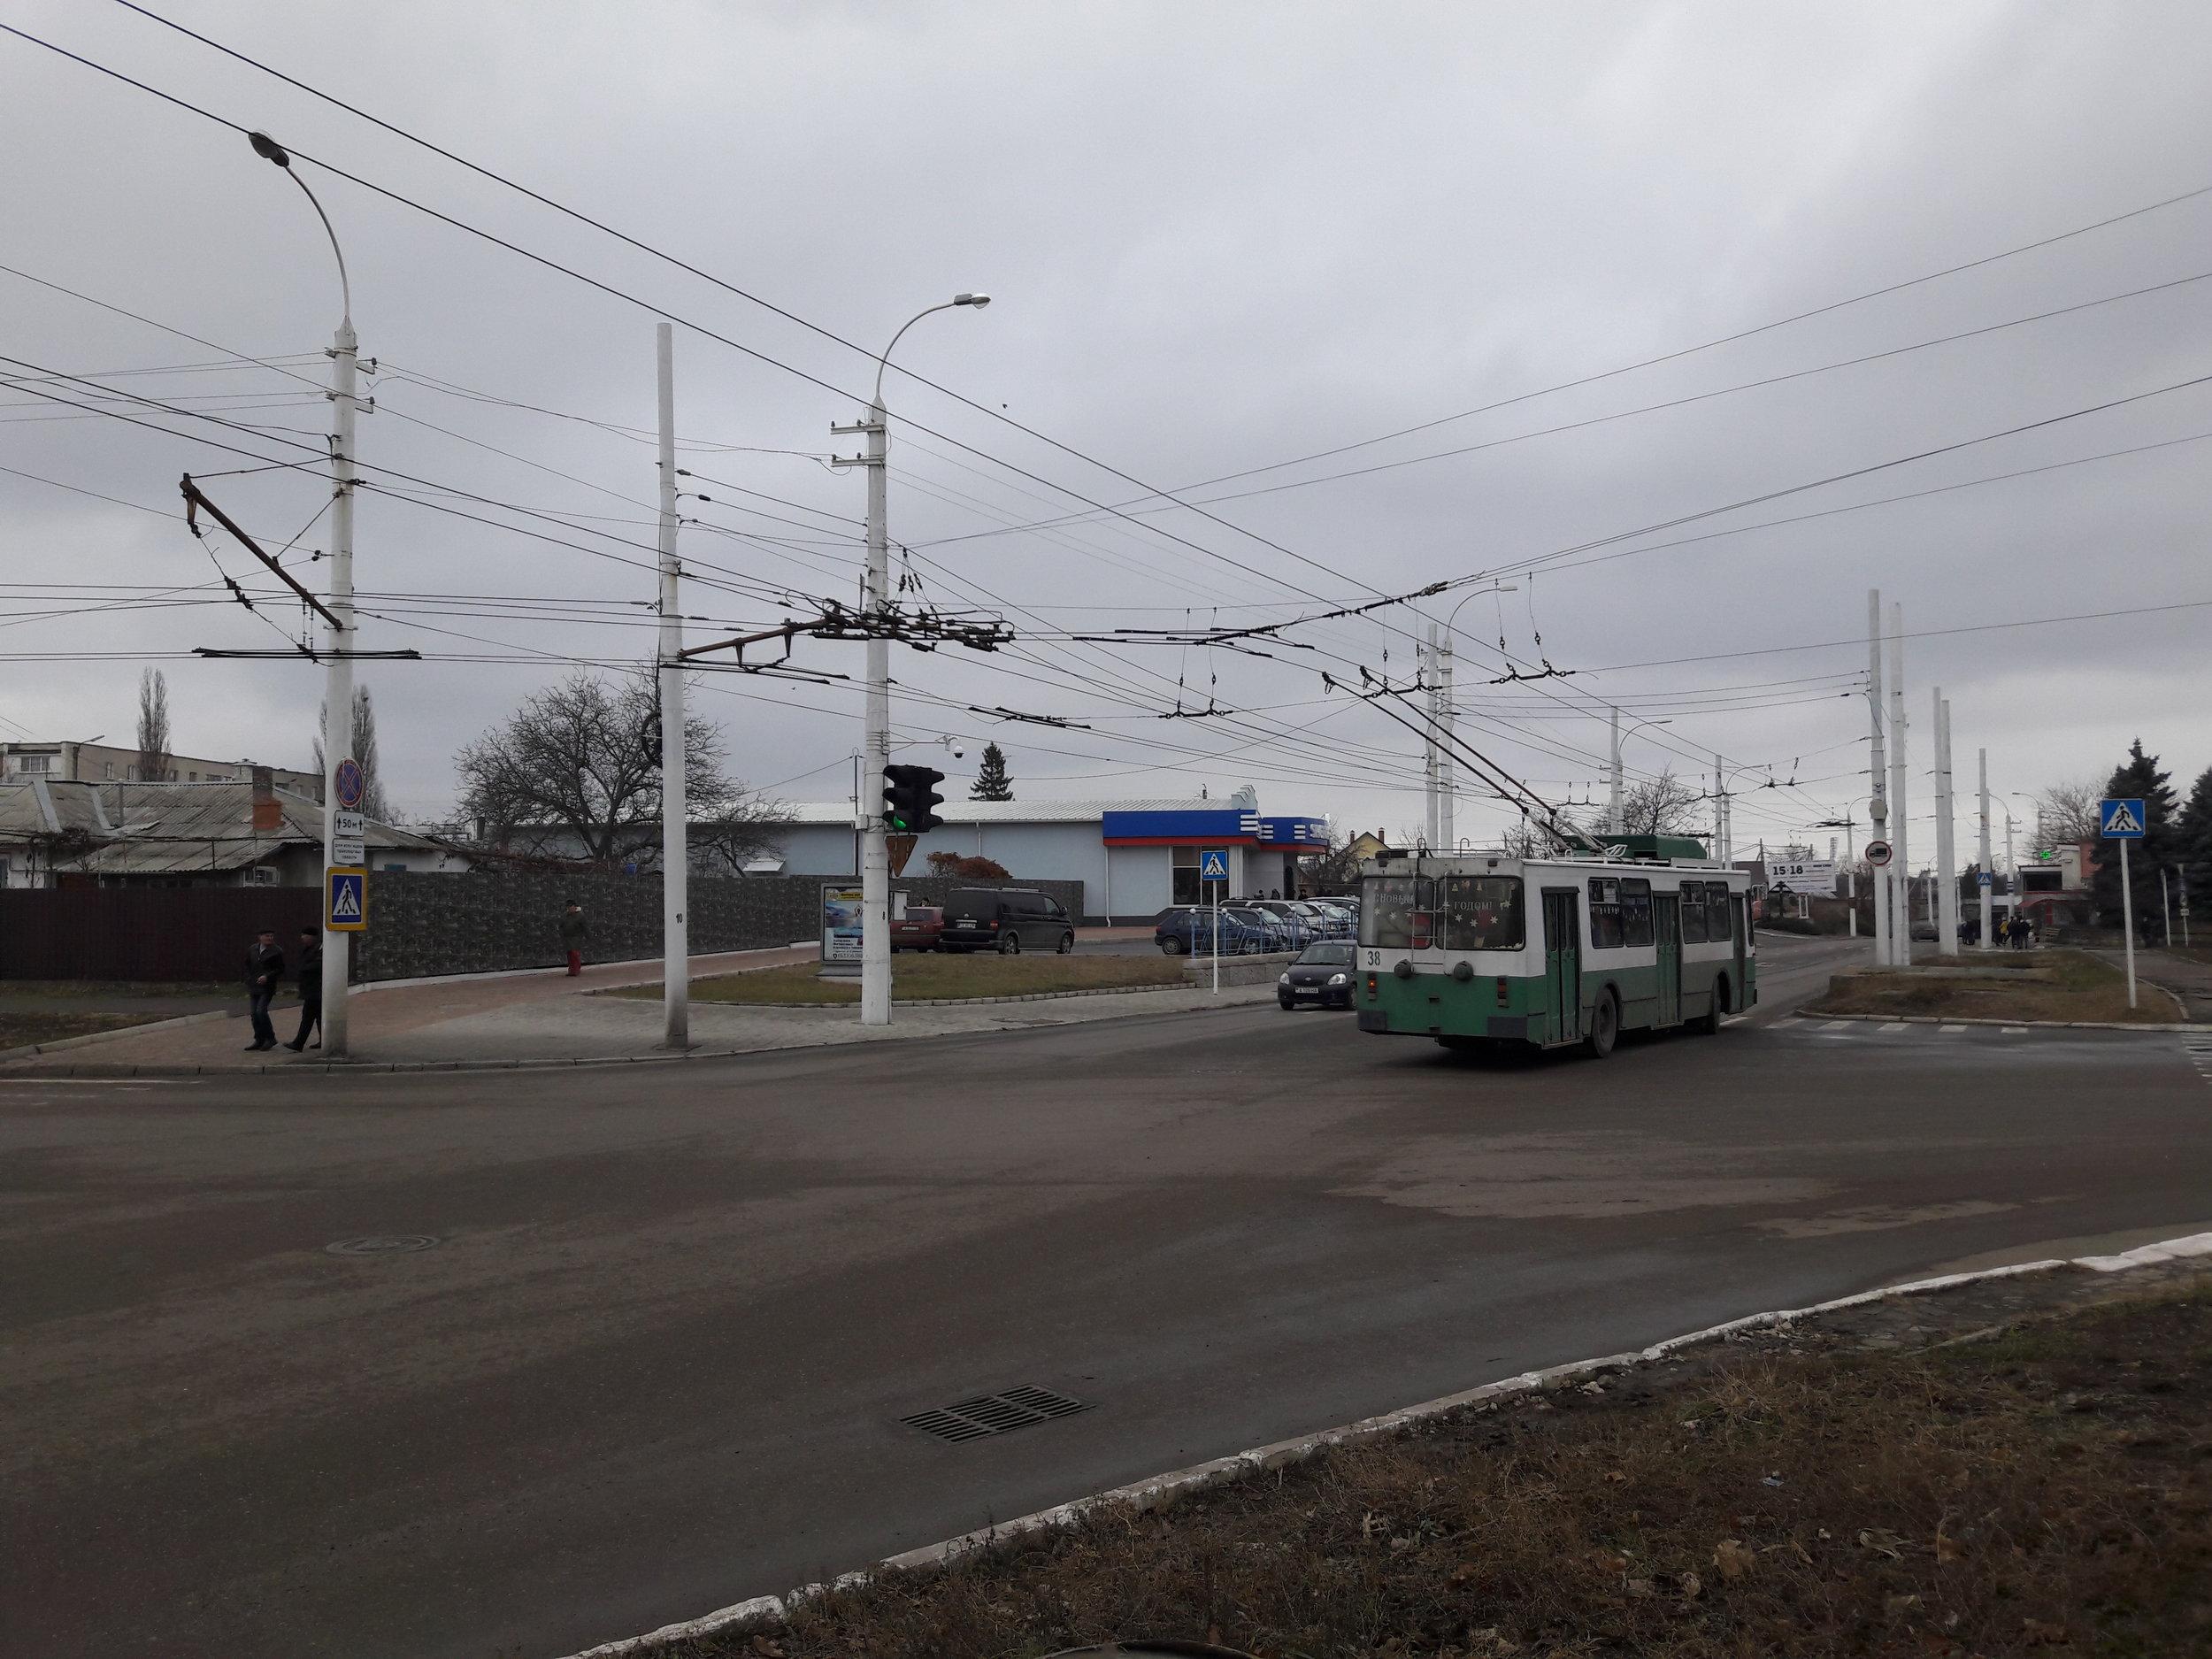 Křižovatka, přes kterou jezdí okružní linka 4 a linka č. 3.